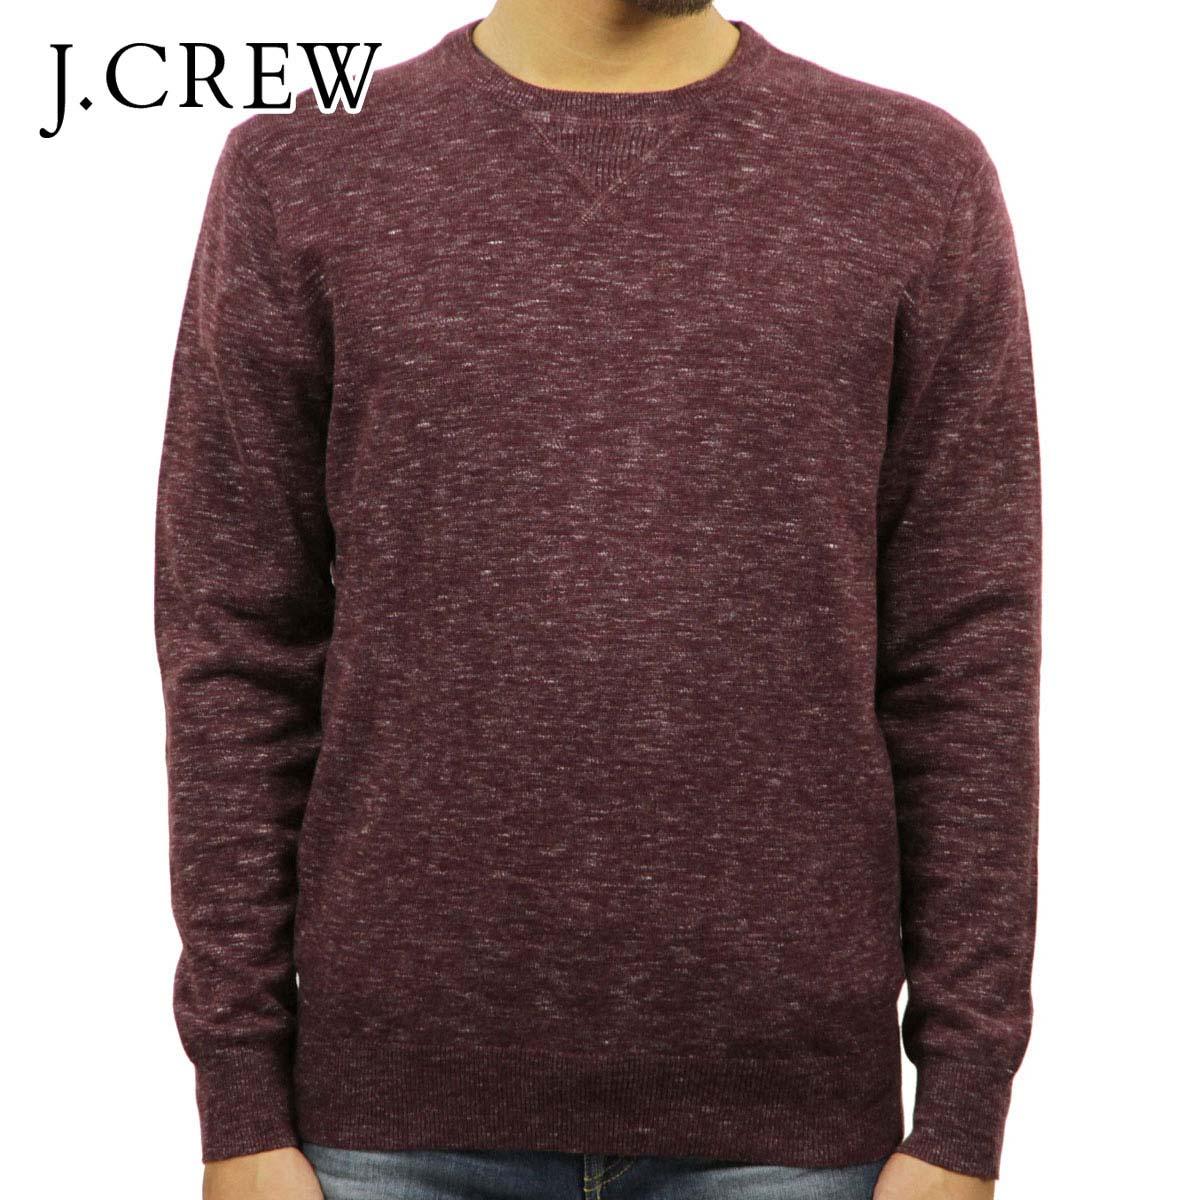 【販売期間 4/2 10:00~4/8 09:59】 ジェイクルー J.CREW 正規品 メンズ セーター HEATHERED SWEATSHIRT SWEATER 09256 D20S30